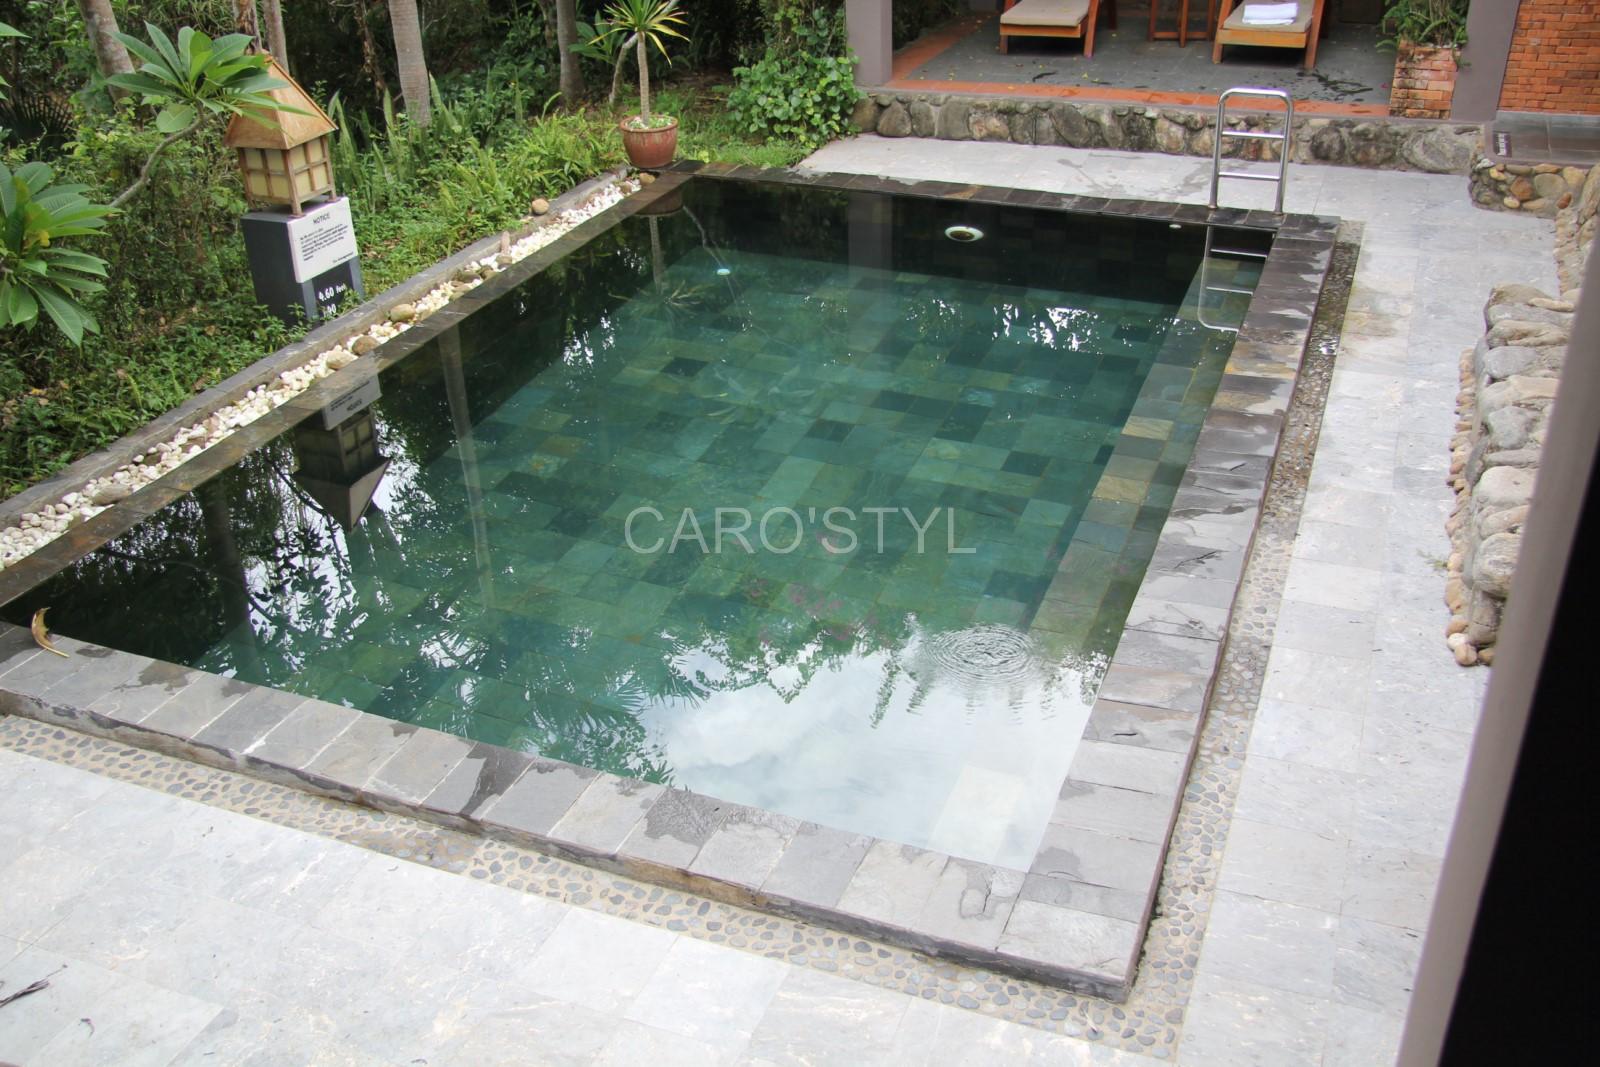 piscine en pierre verte de bali pr s de toulon 83 var magasin de carrelage pierre naturelle. Black Bedroom Furniture Sets. Home Design Ideas